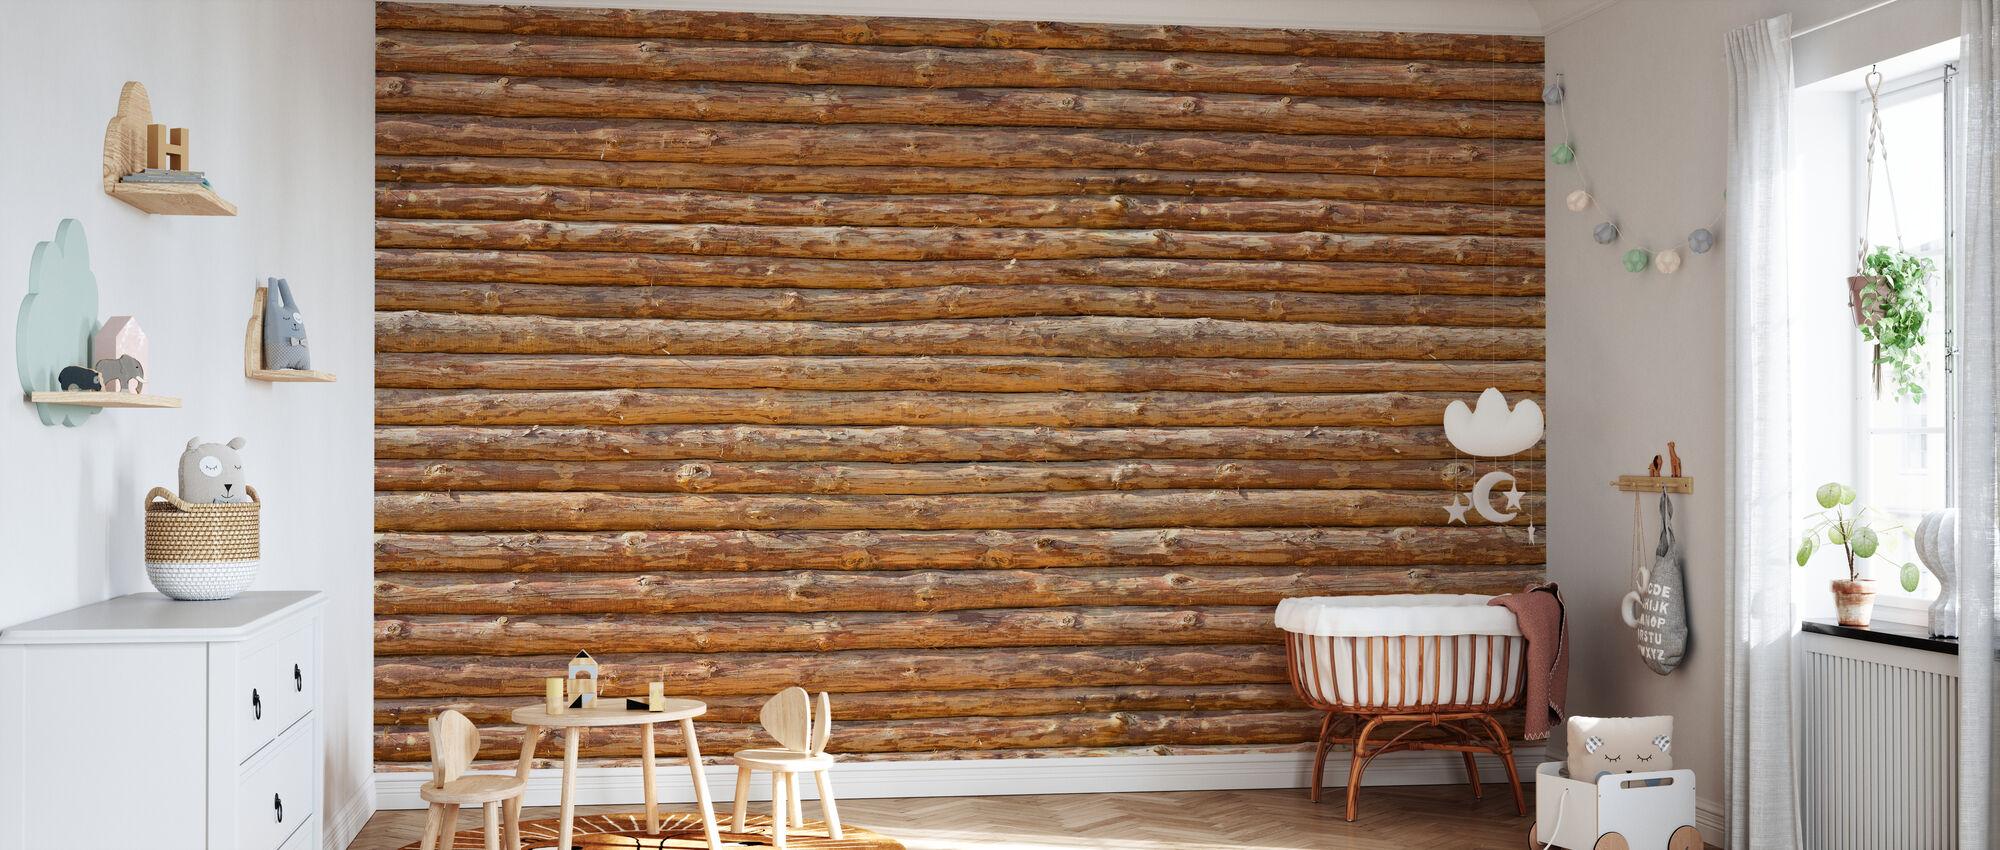 Wooden Logs Wall - Wallpaper - Nursery